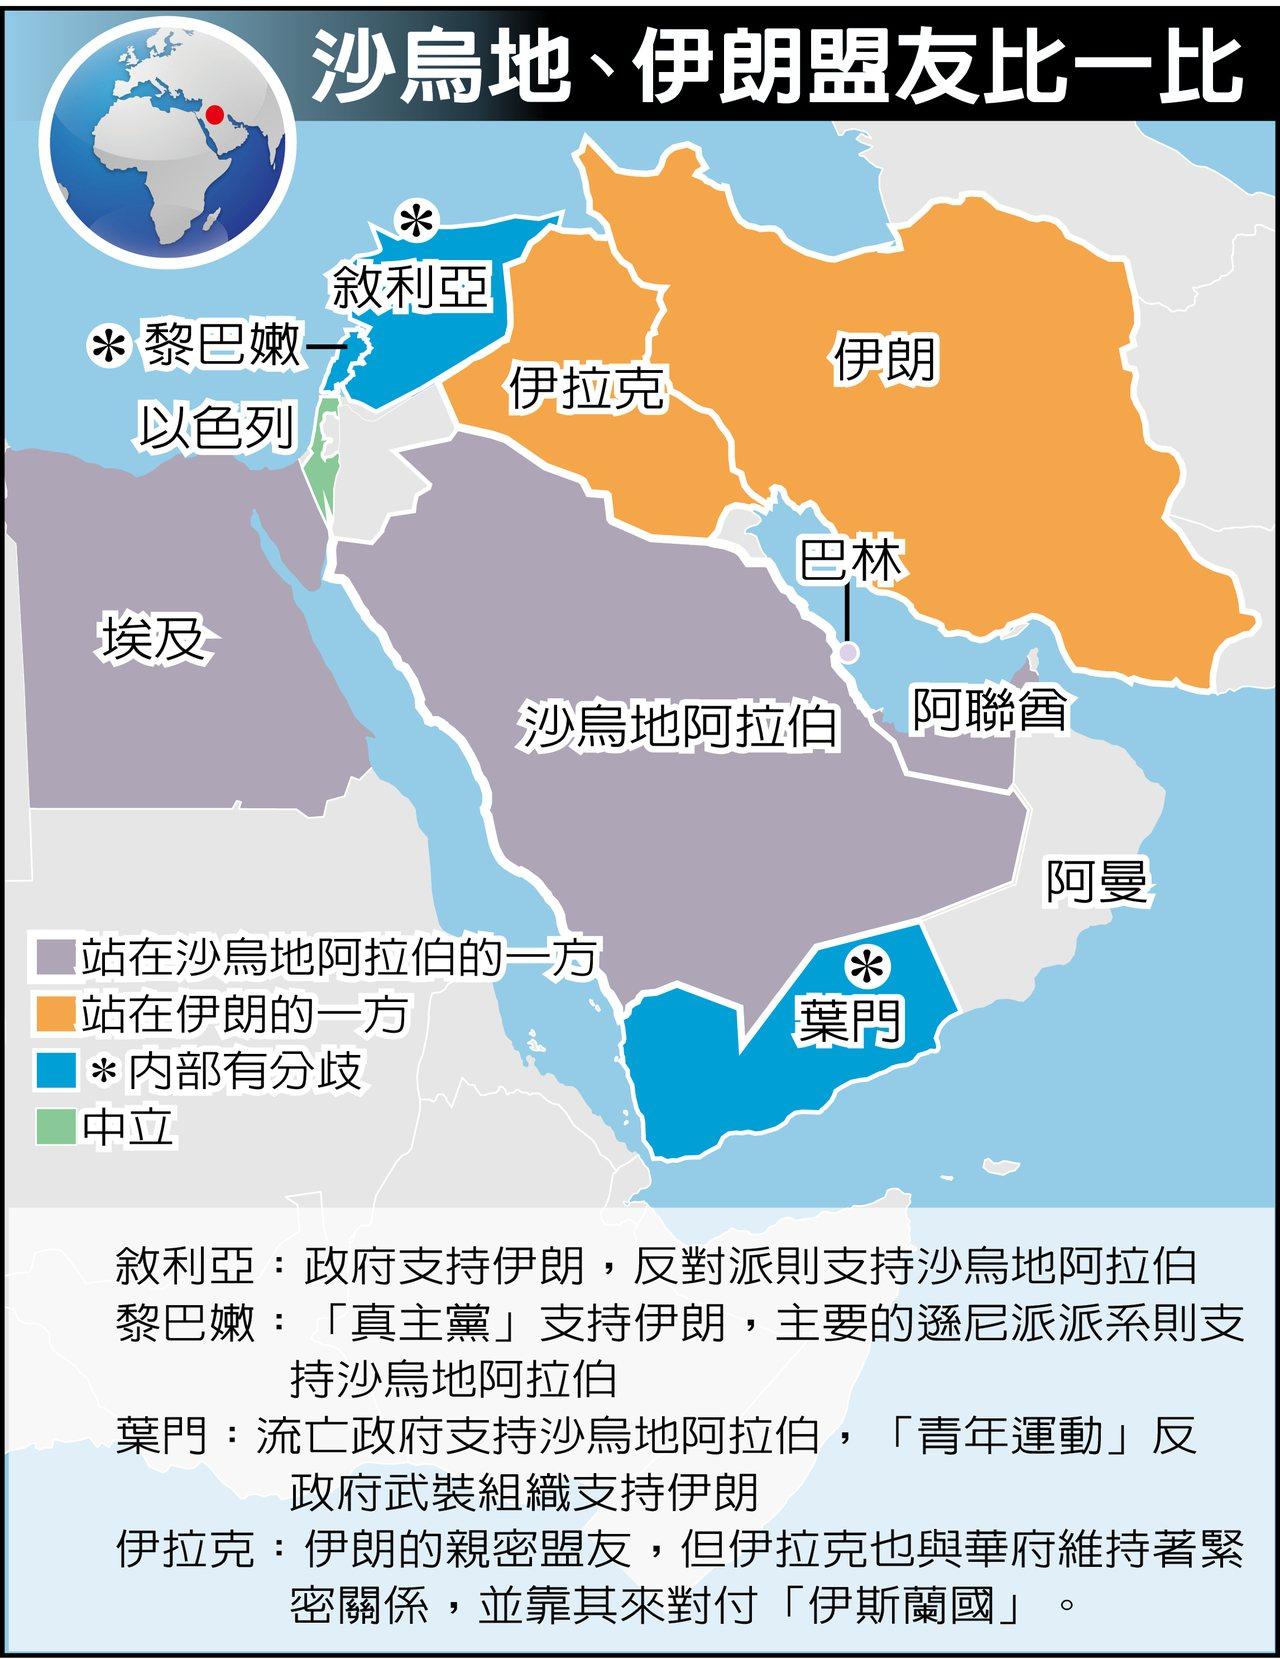 沙烏地與伊朗即將開戰?(節錄自本報系聯合報「聯合筆記」)